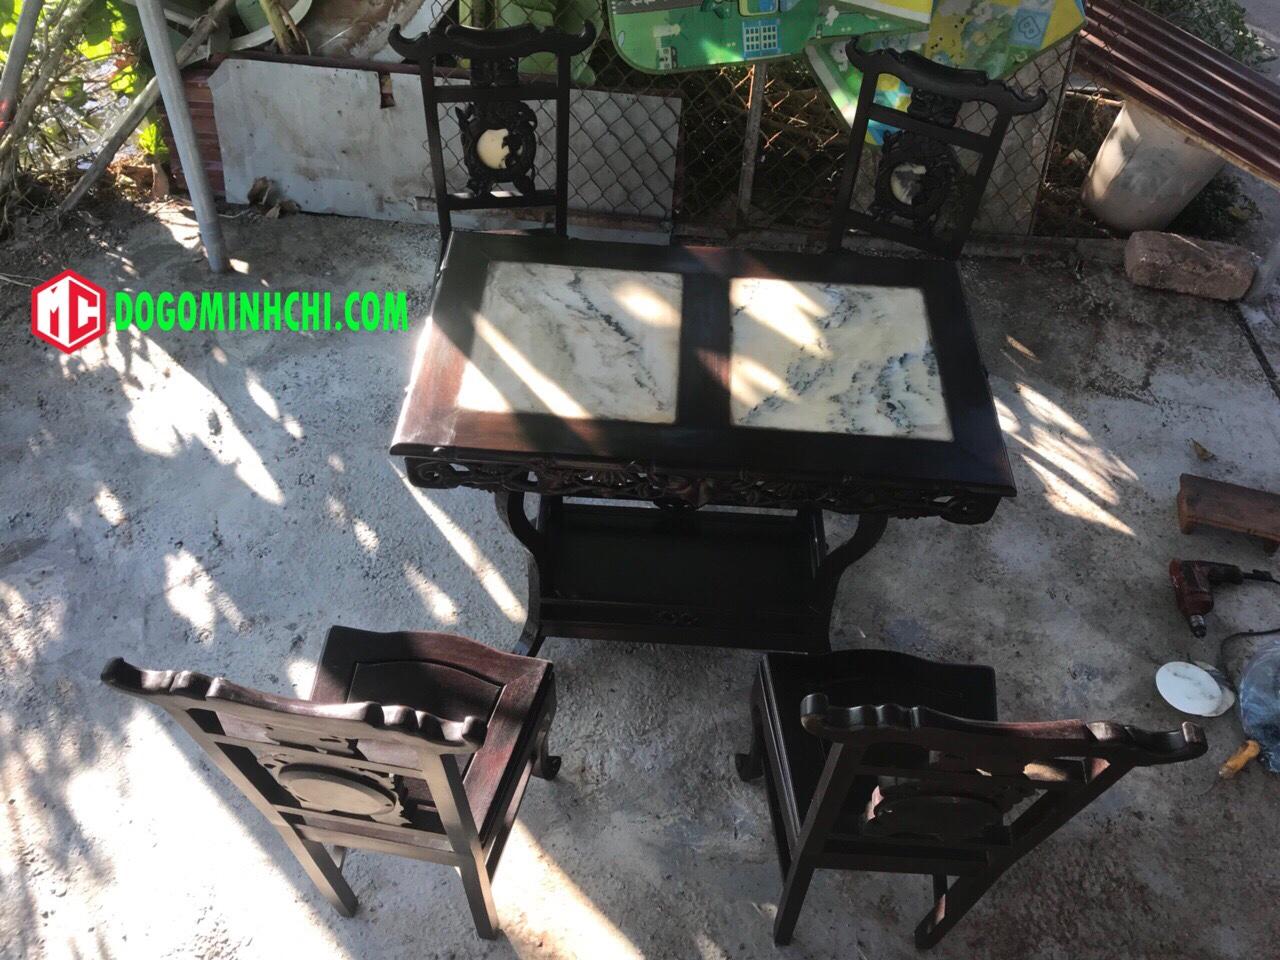 Bộ bàn ghế ăn mặt đá chạm trúc 1